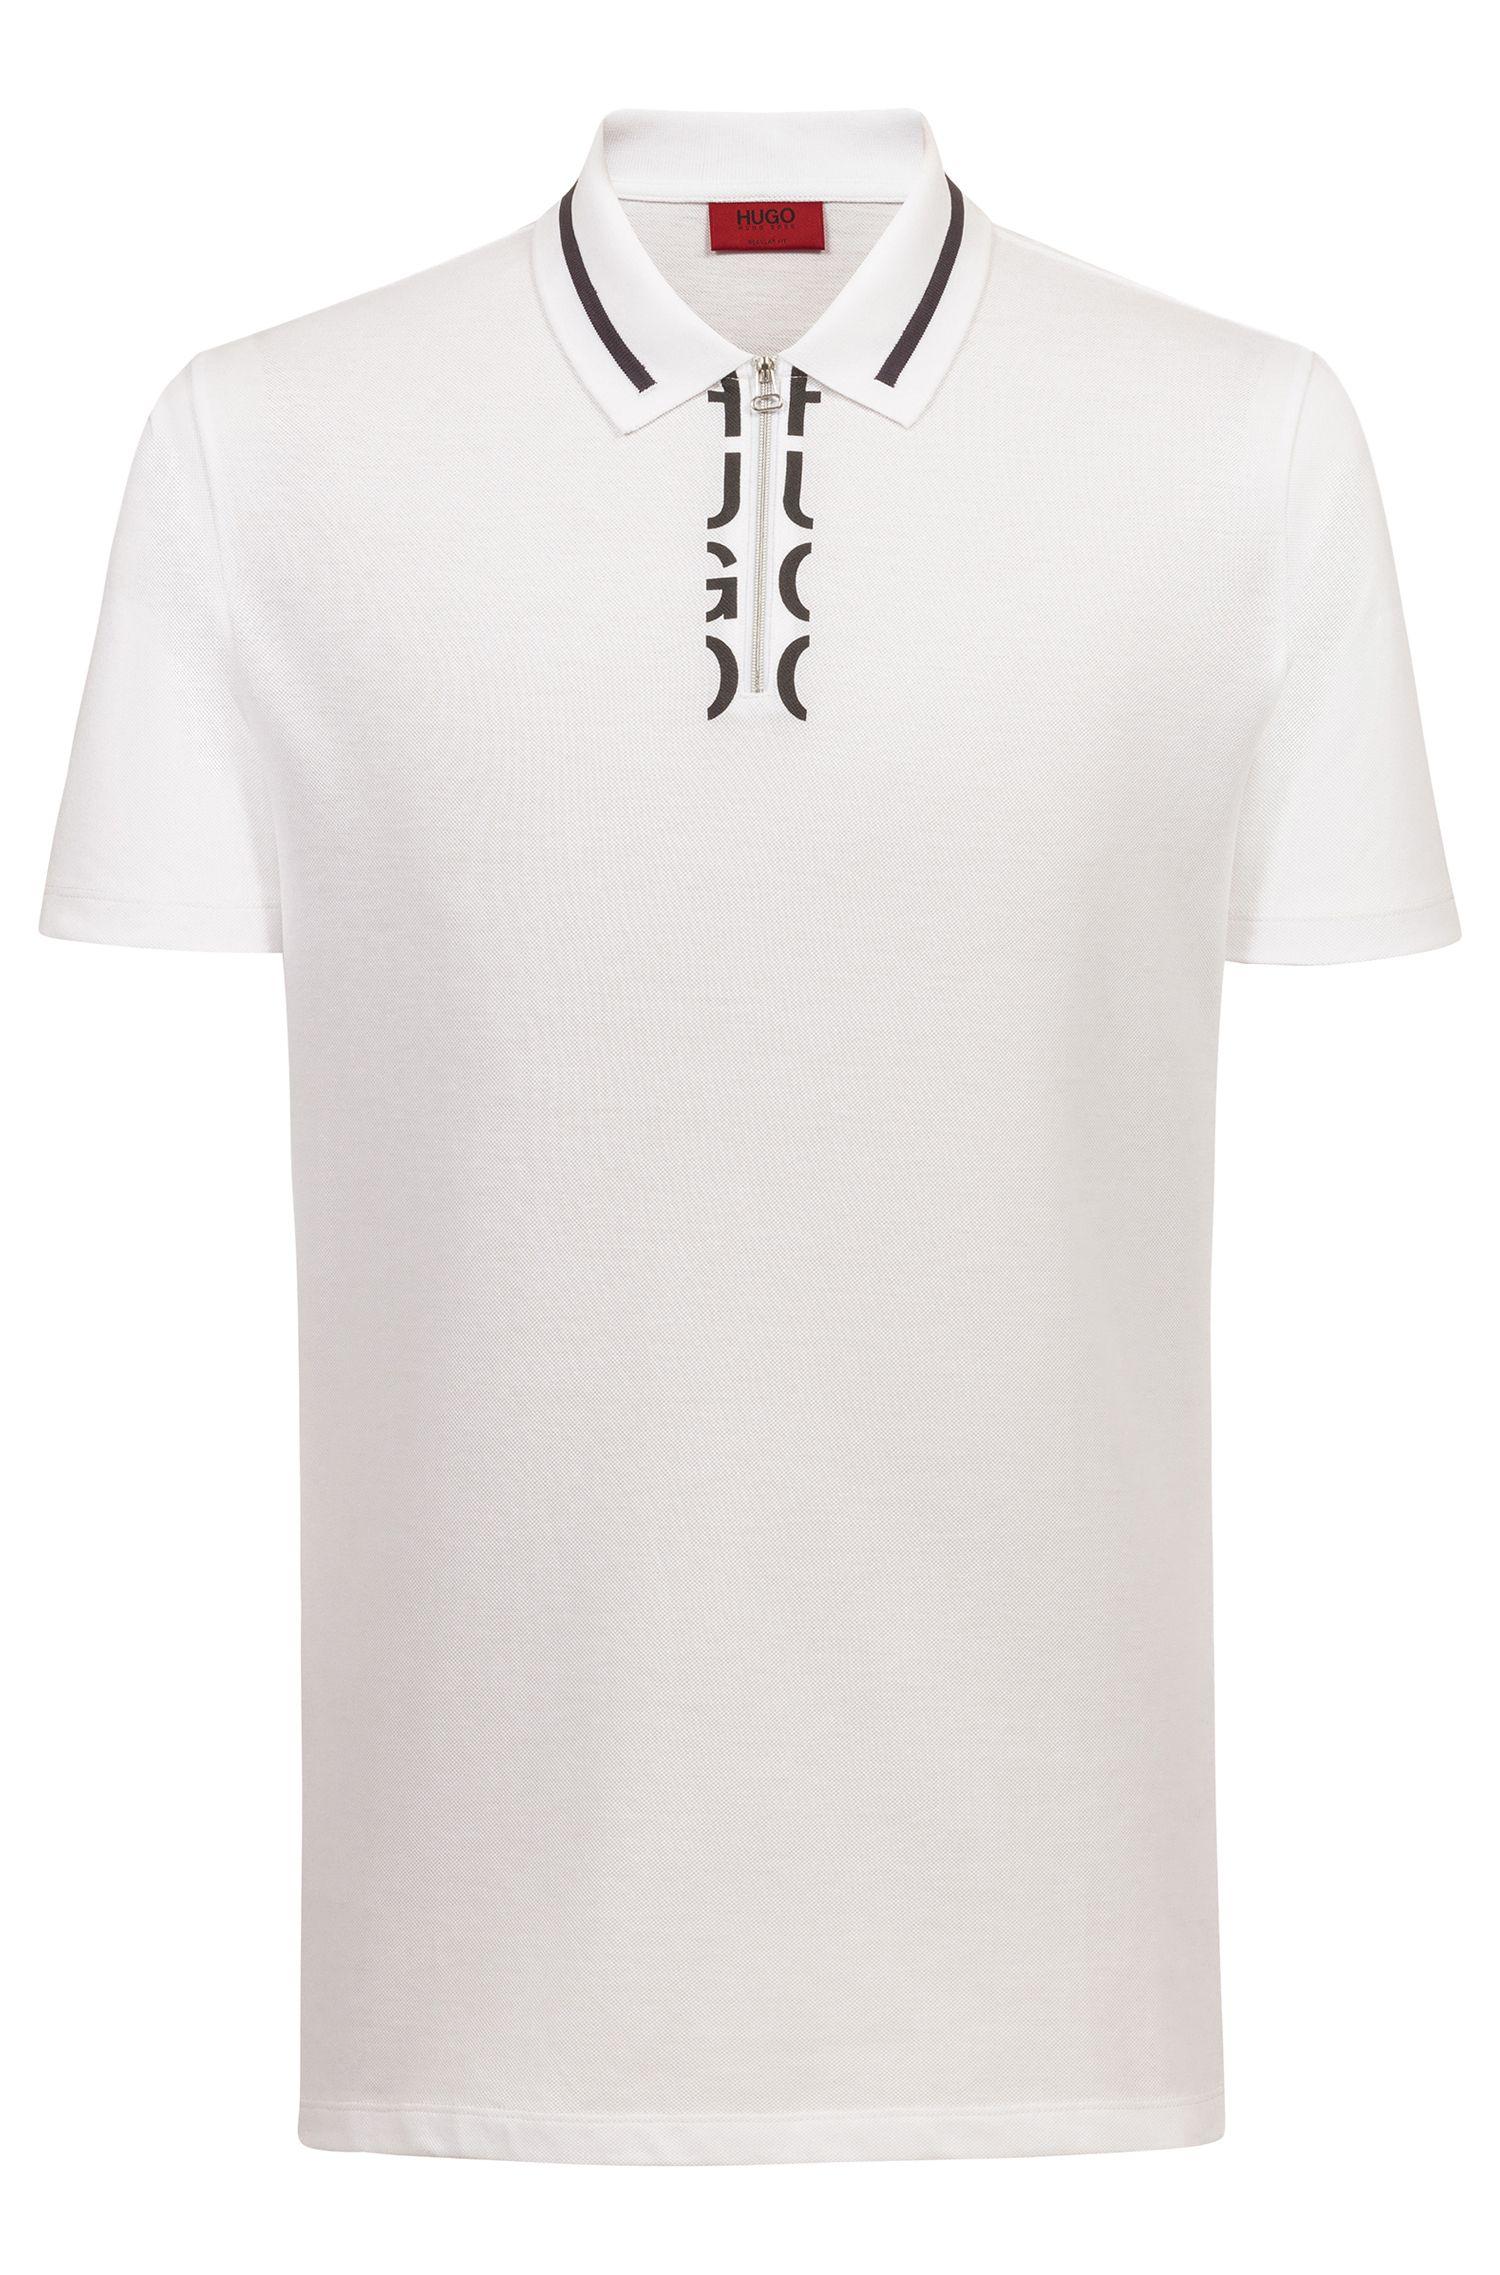 Poloshirt mit Troyerkragen und abgeschnittenem Logo am Reißverschluss, Weiß